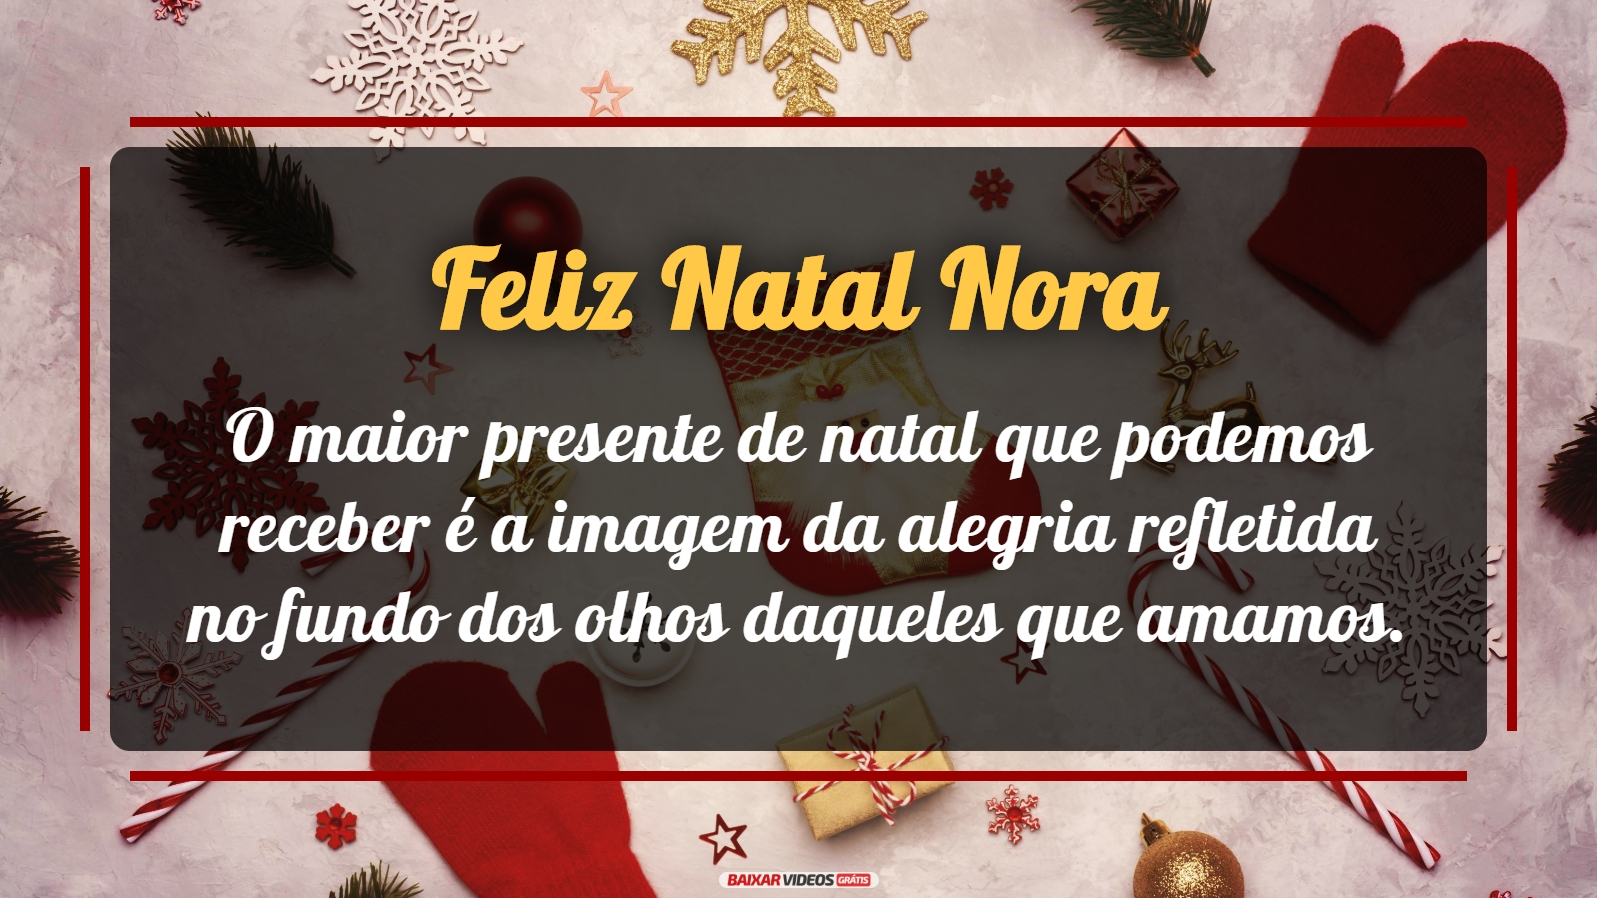 O maior presente de natal que podemos receber é a imagem da alegria refletida no fundo dos olhos daqueles que amamos. Te desejo um feliz natal!